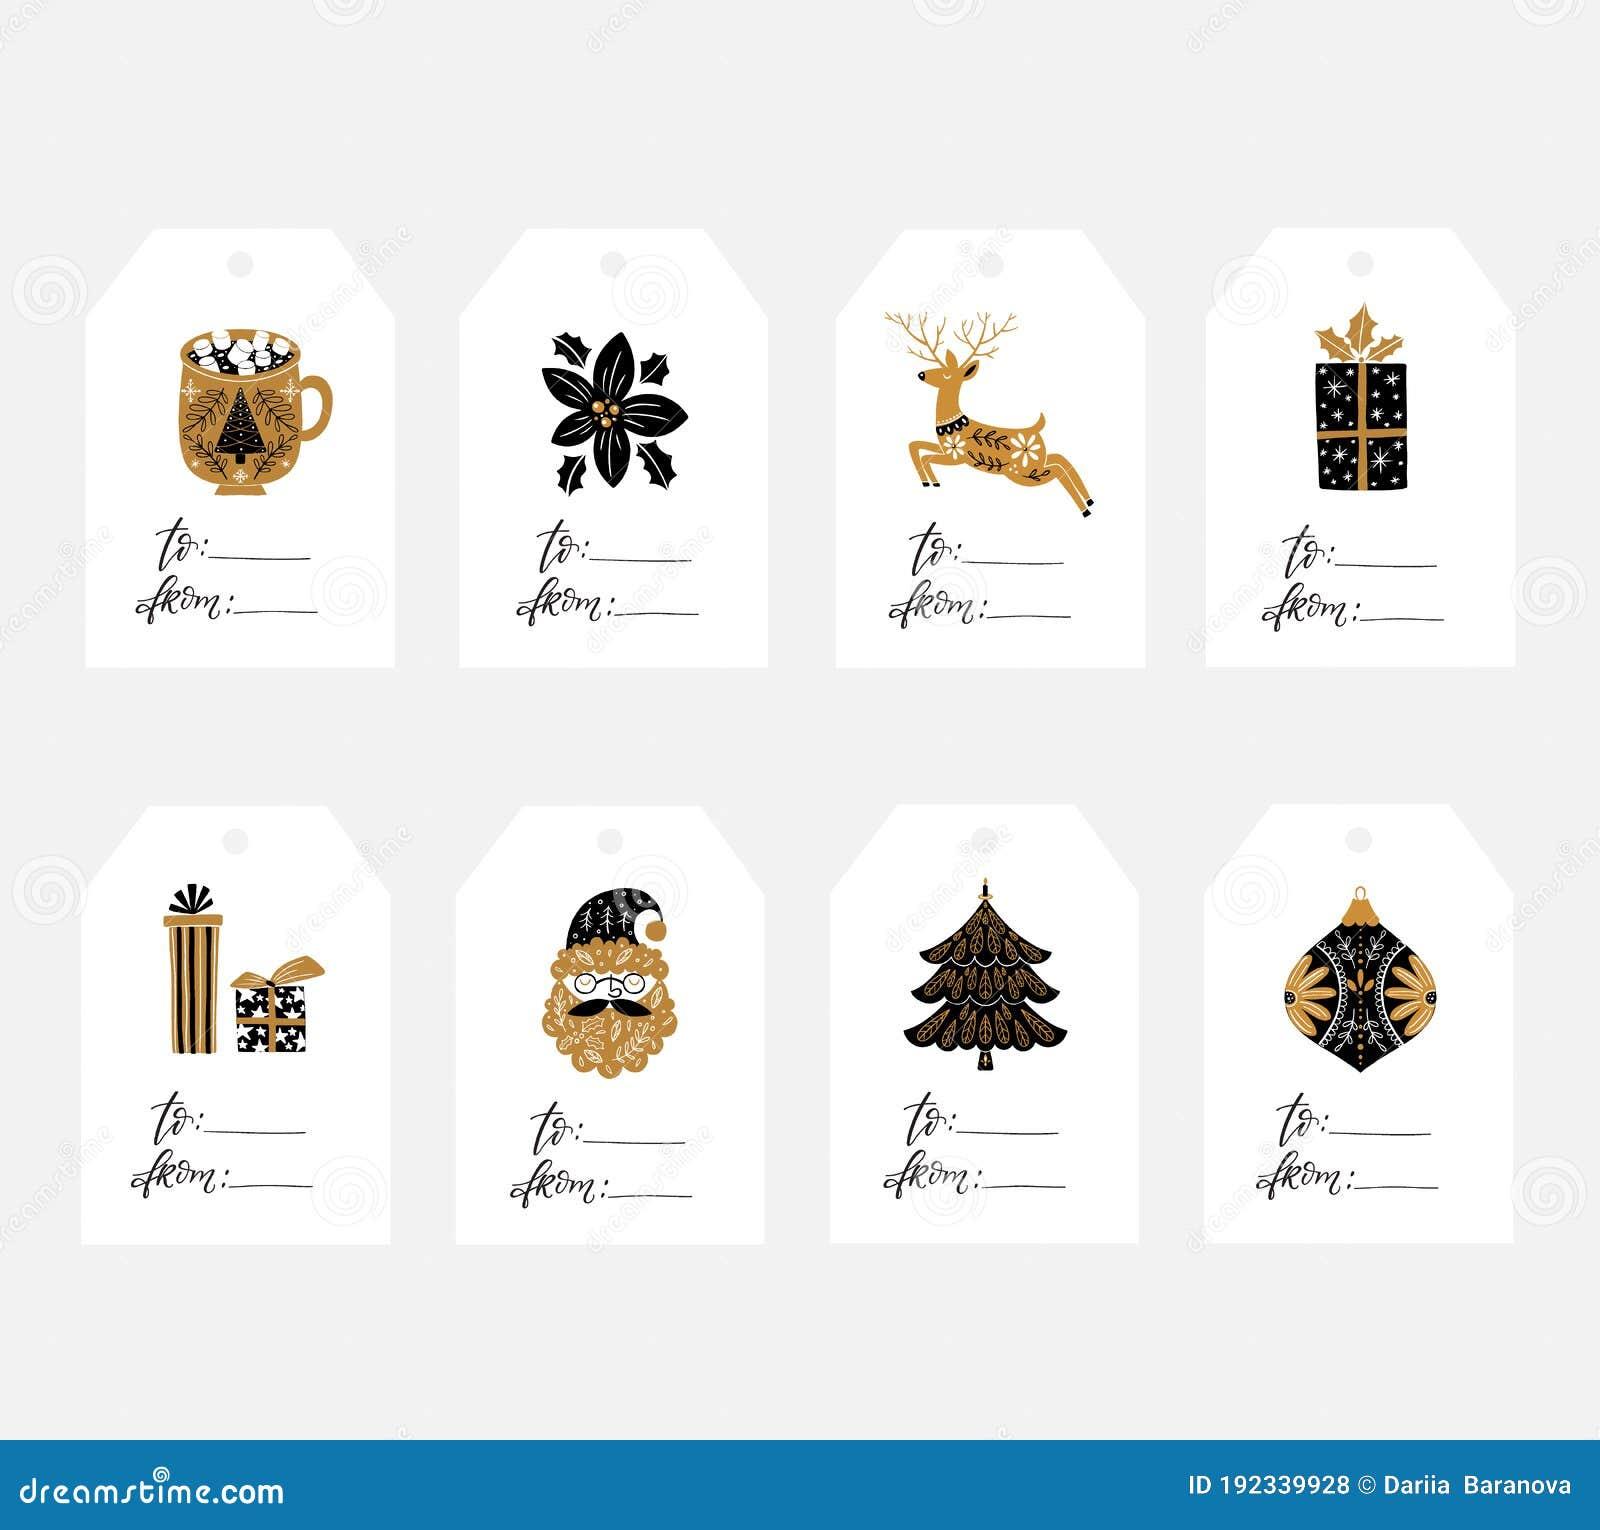 Gift Tag   Christmas gift tags printable, Christmas tags printable,  Editable christmas gift tags